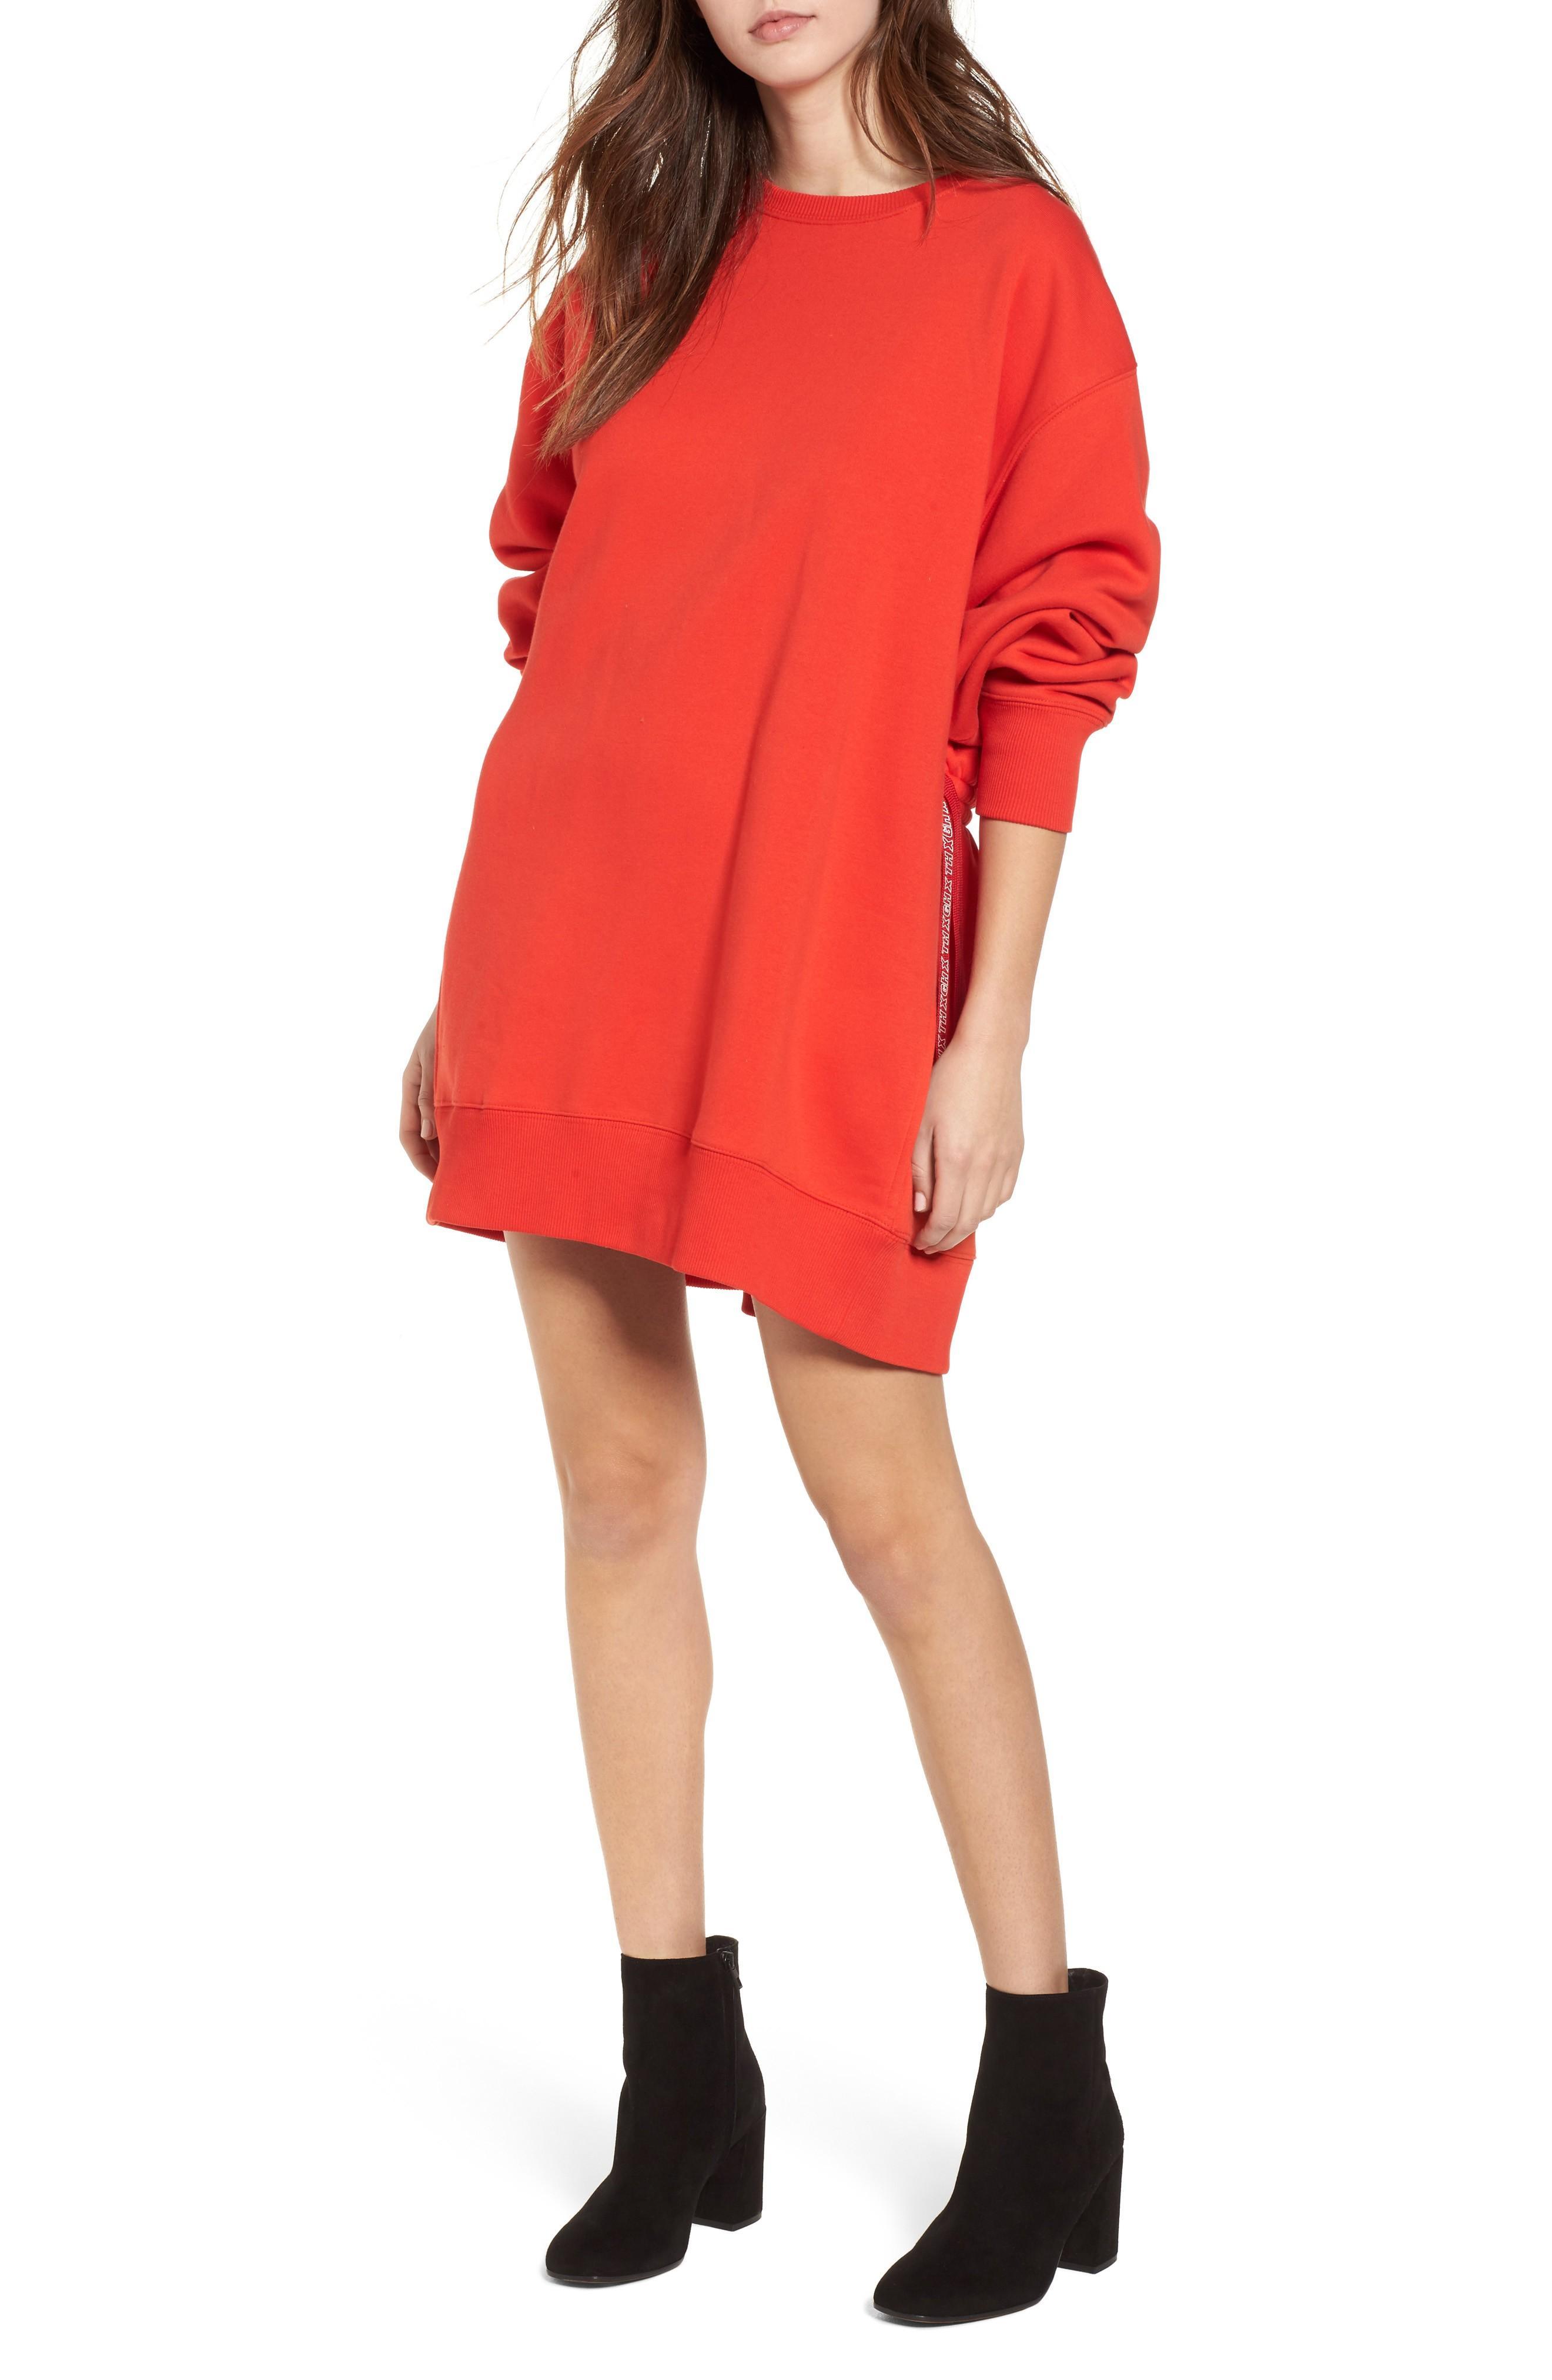 55a3046c3ff Tommy Jeans X Gigi Hadid Sweatshirt Dress In Flame Scarlet